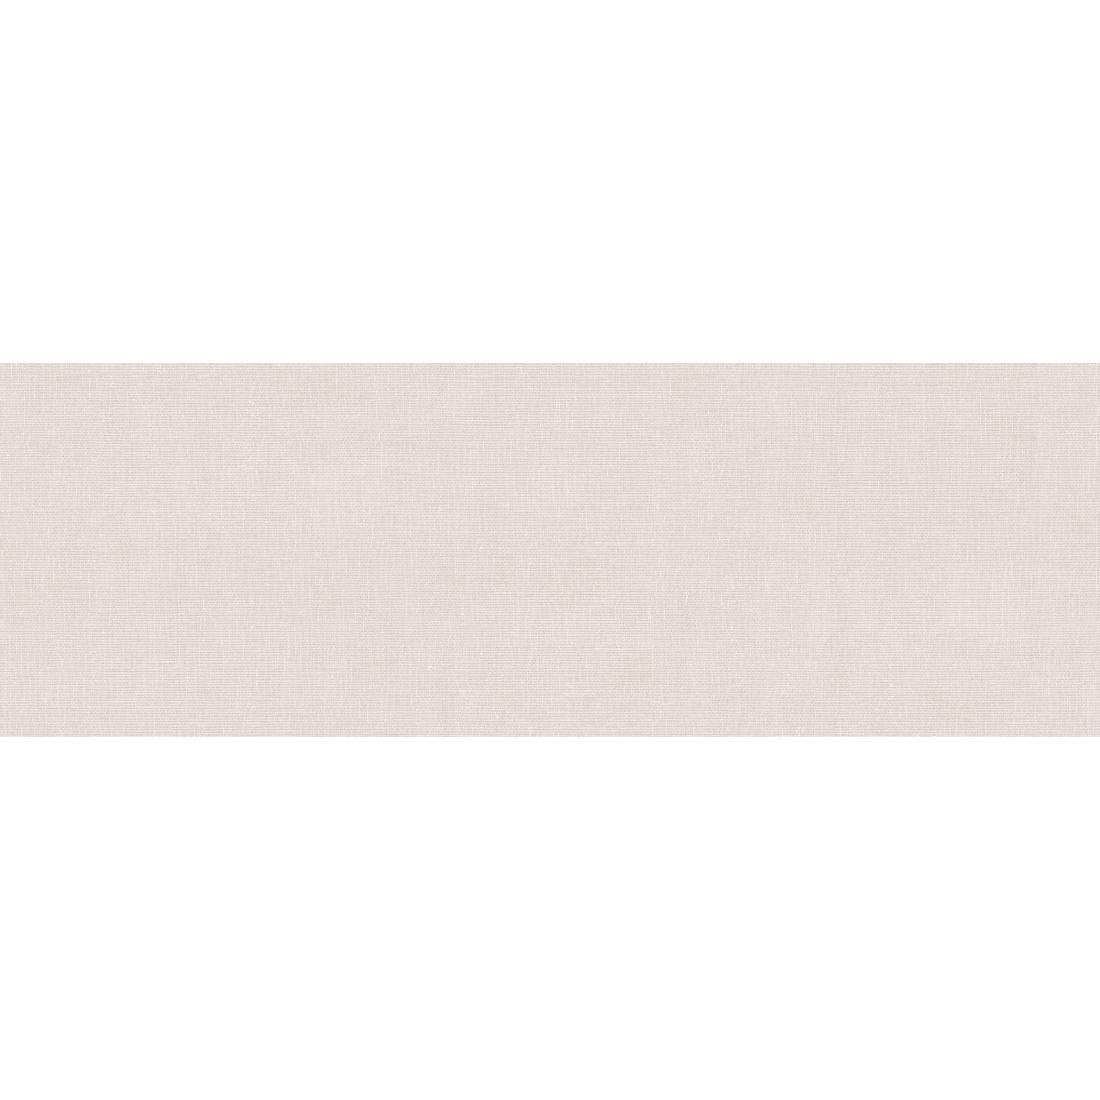 Duero 30x90 Cream Gloss 1